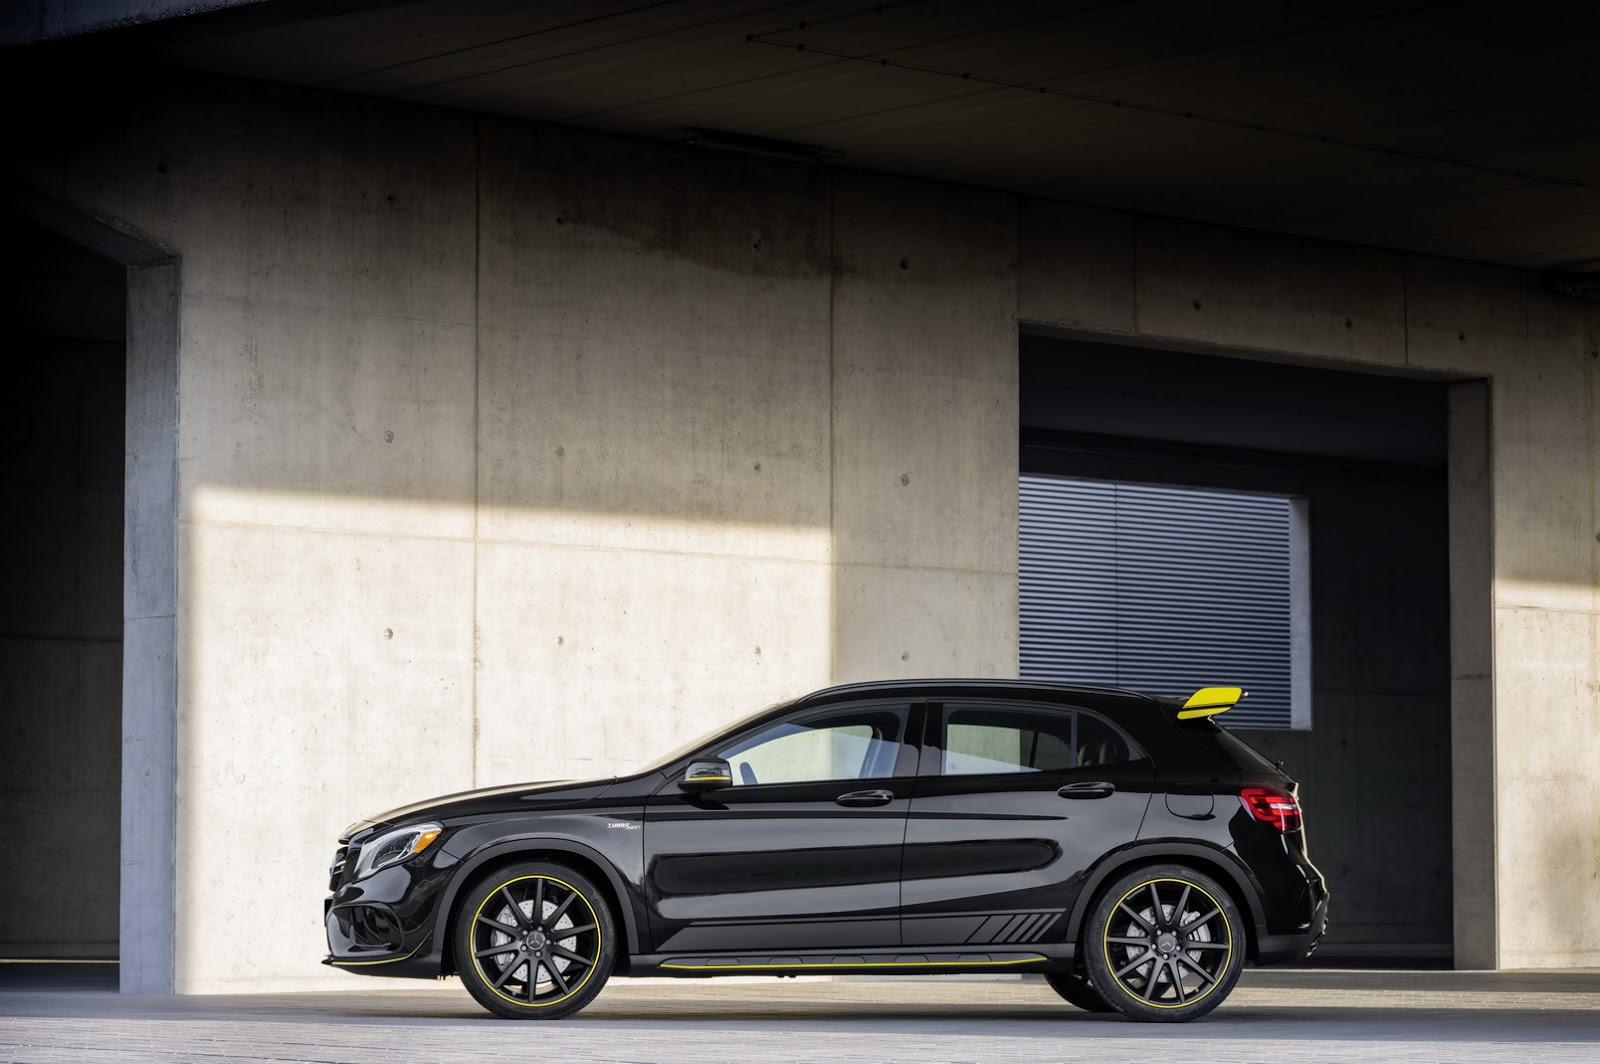 Mercedes GLA facelift and GLA 45 AMG facelift 2017 (67)